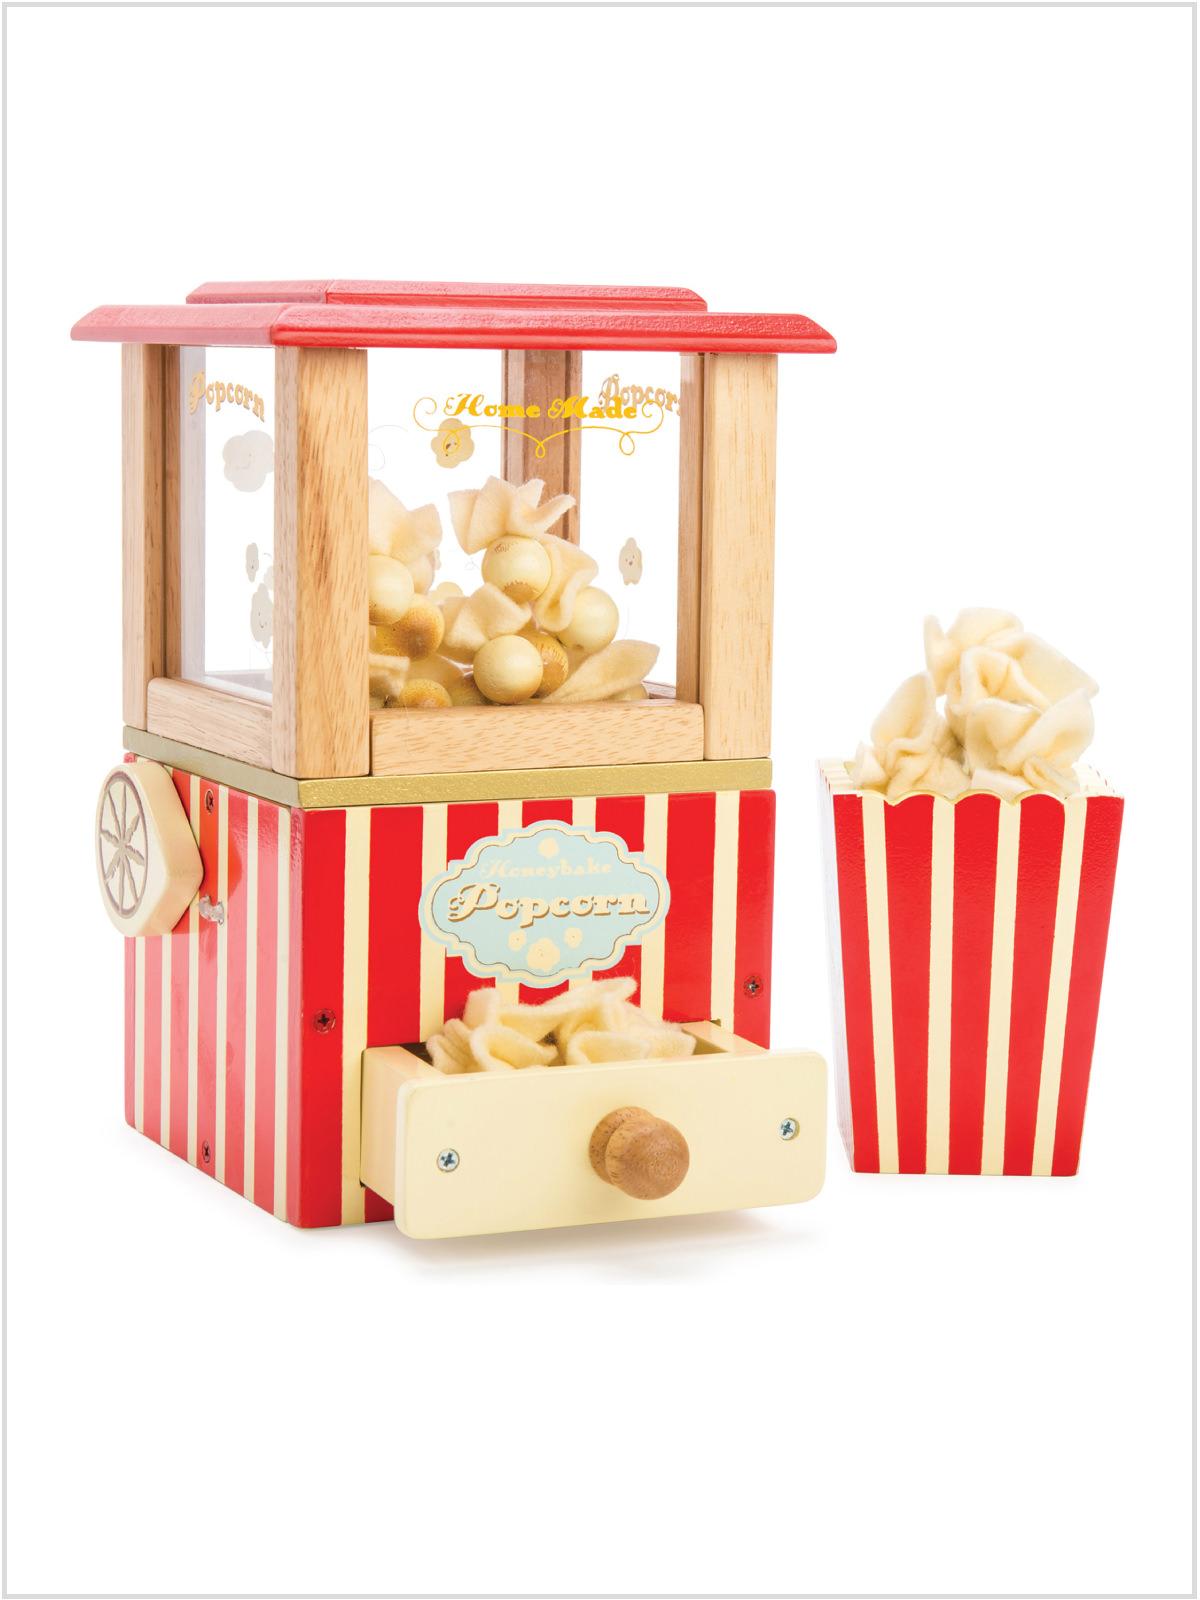 frederickandsophie-toys-letoyvan-honeybake-play-popcorn-machine